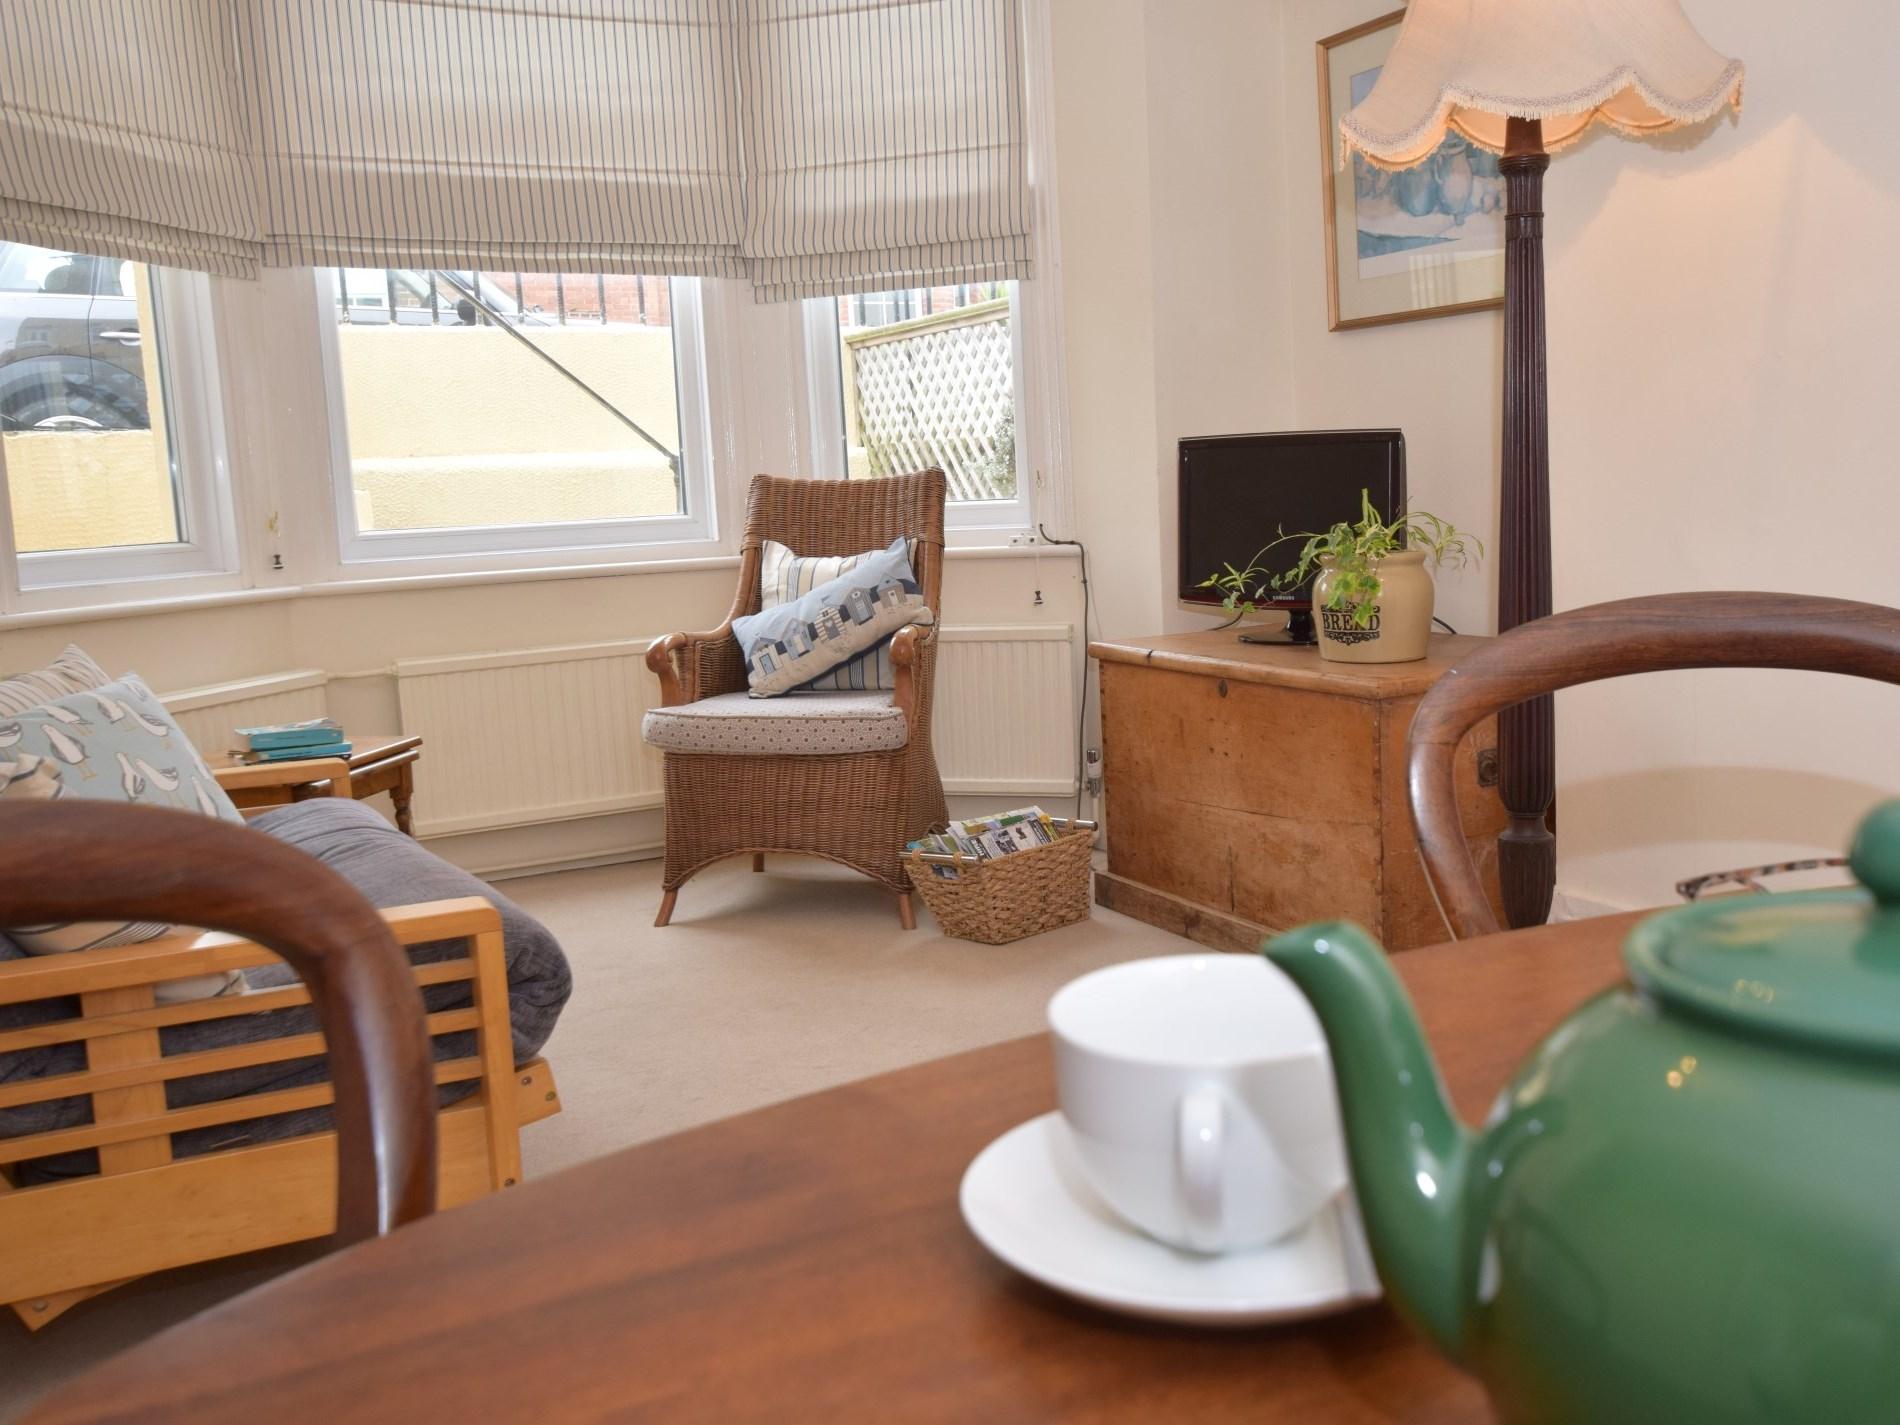 Ferienhaus in Eastbourne